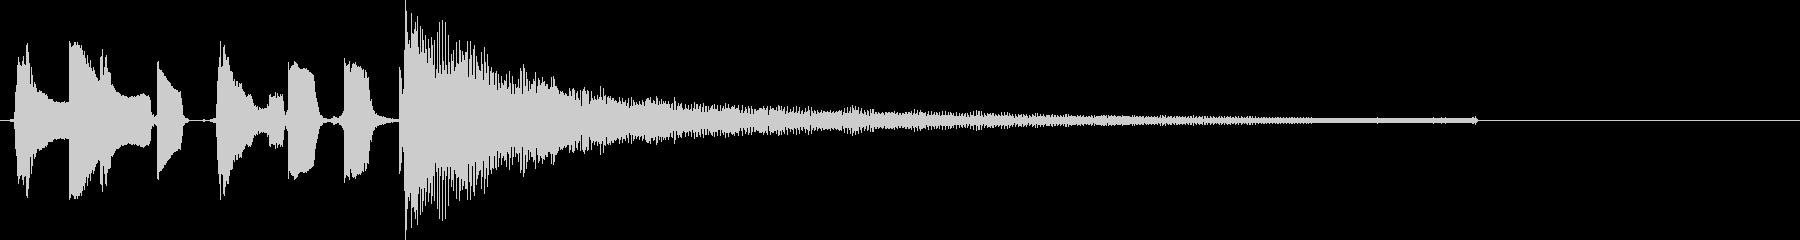 オチに使えるジングル(ドラム有)の未再生の波形